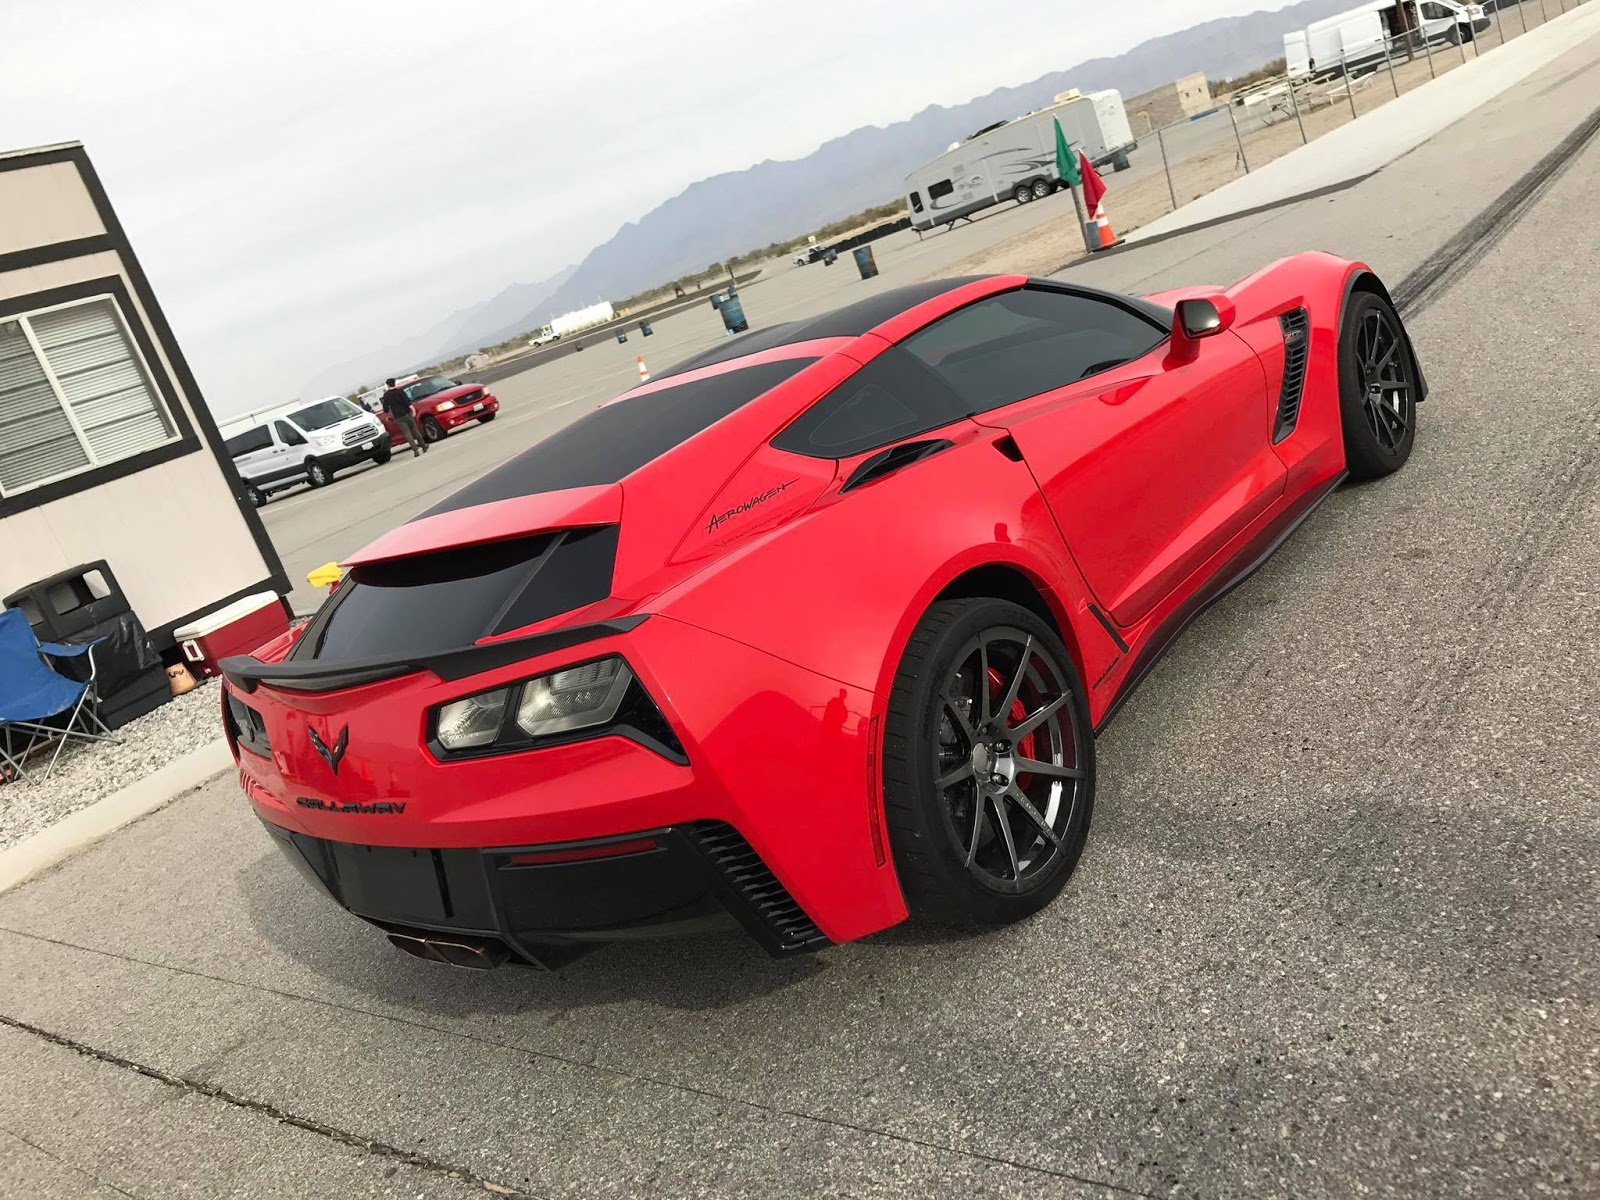 Callaway Corvette AeroWagen 5